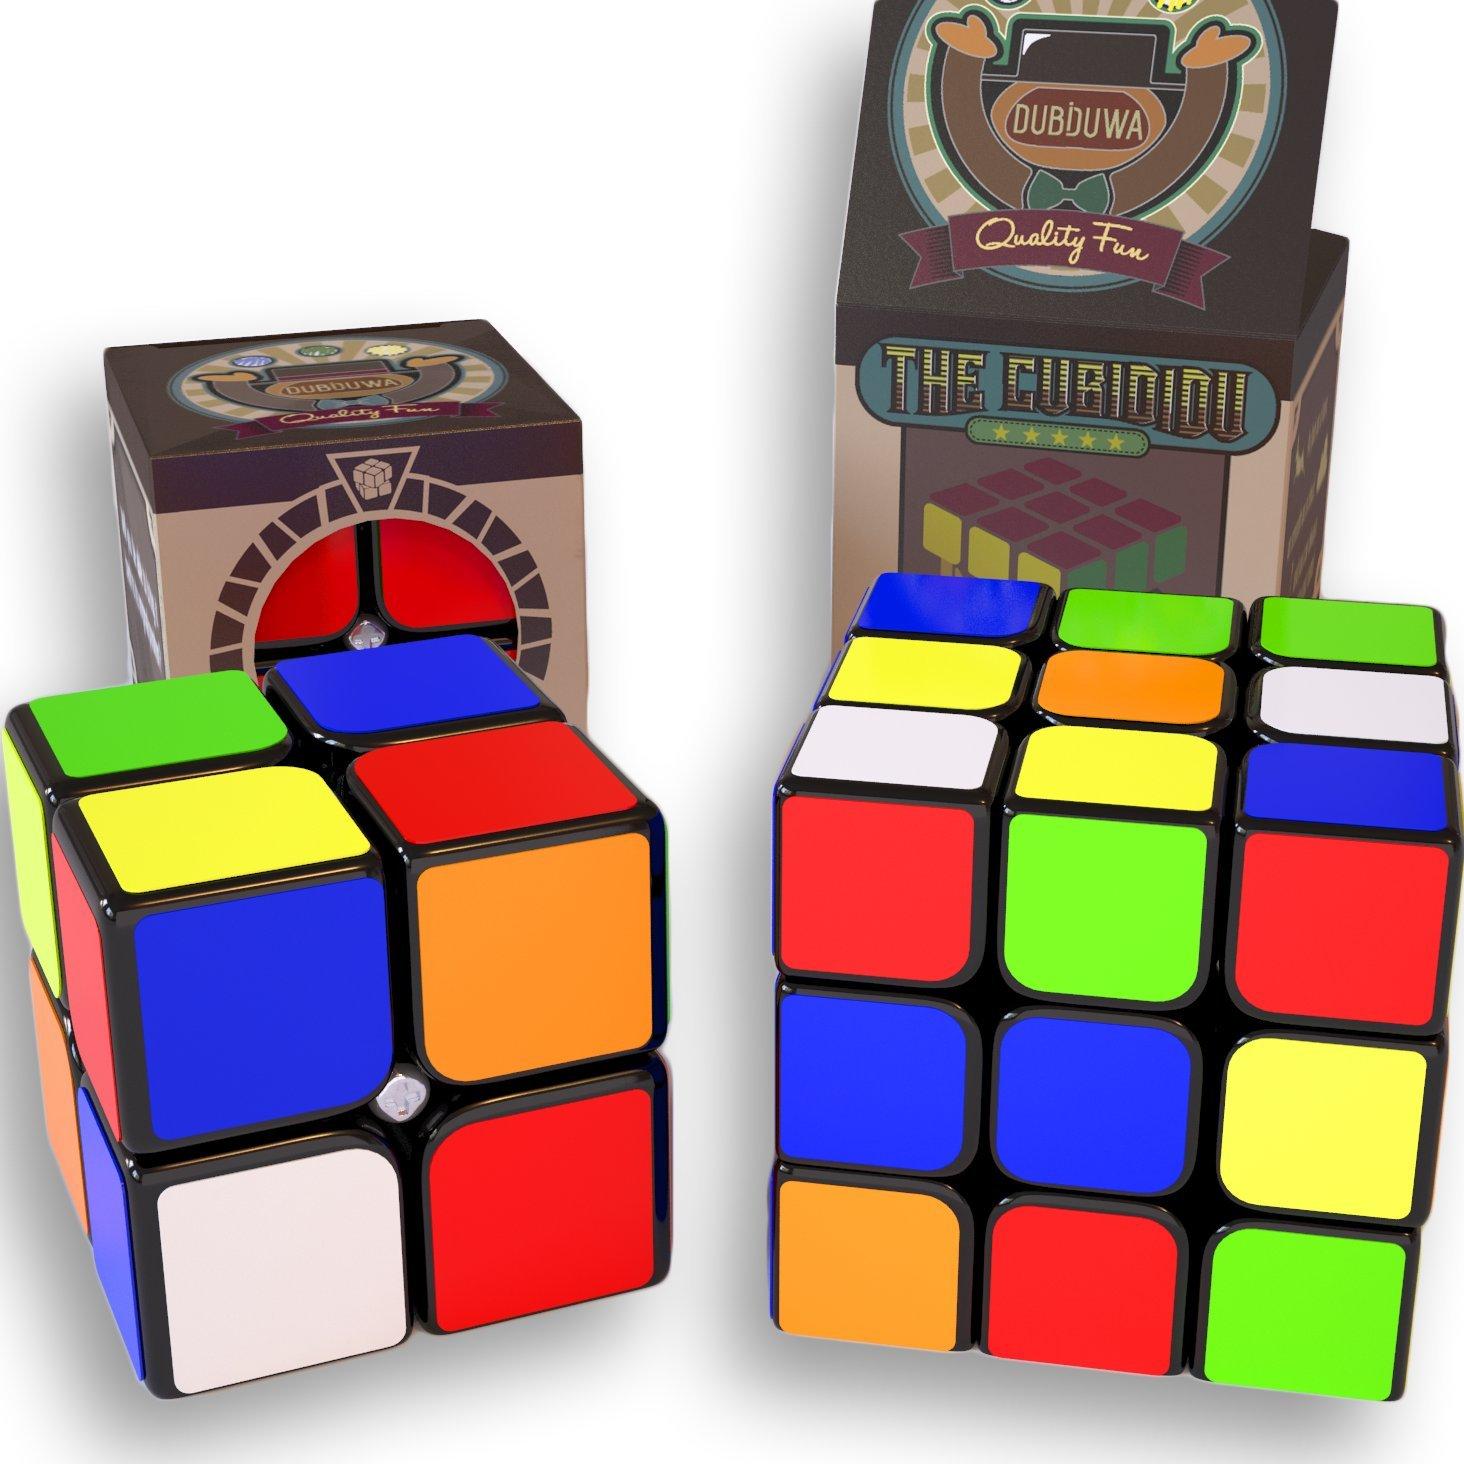 materiales de calidad /¡Es suave y r/ápido como ninguno THE CUBIDIDU 3X3 /¡Dile adi/ós a los cubos r/ígidos! 3x3